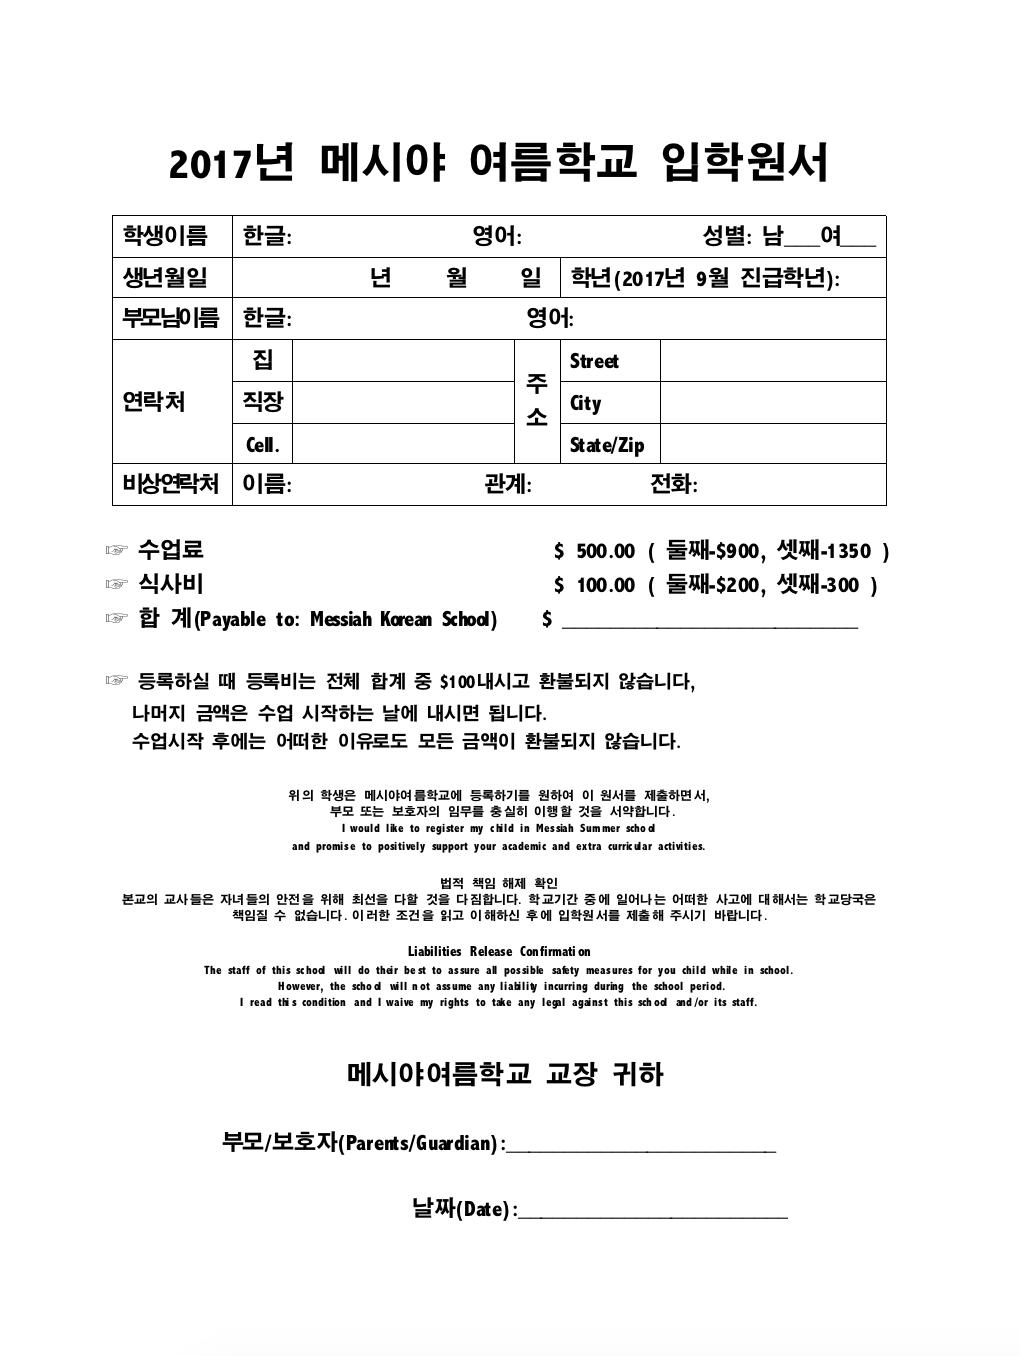 2017 메시야 여름학교 입학원서.png